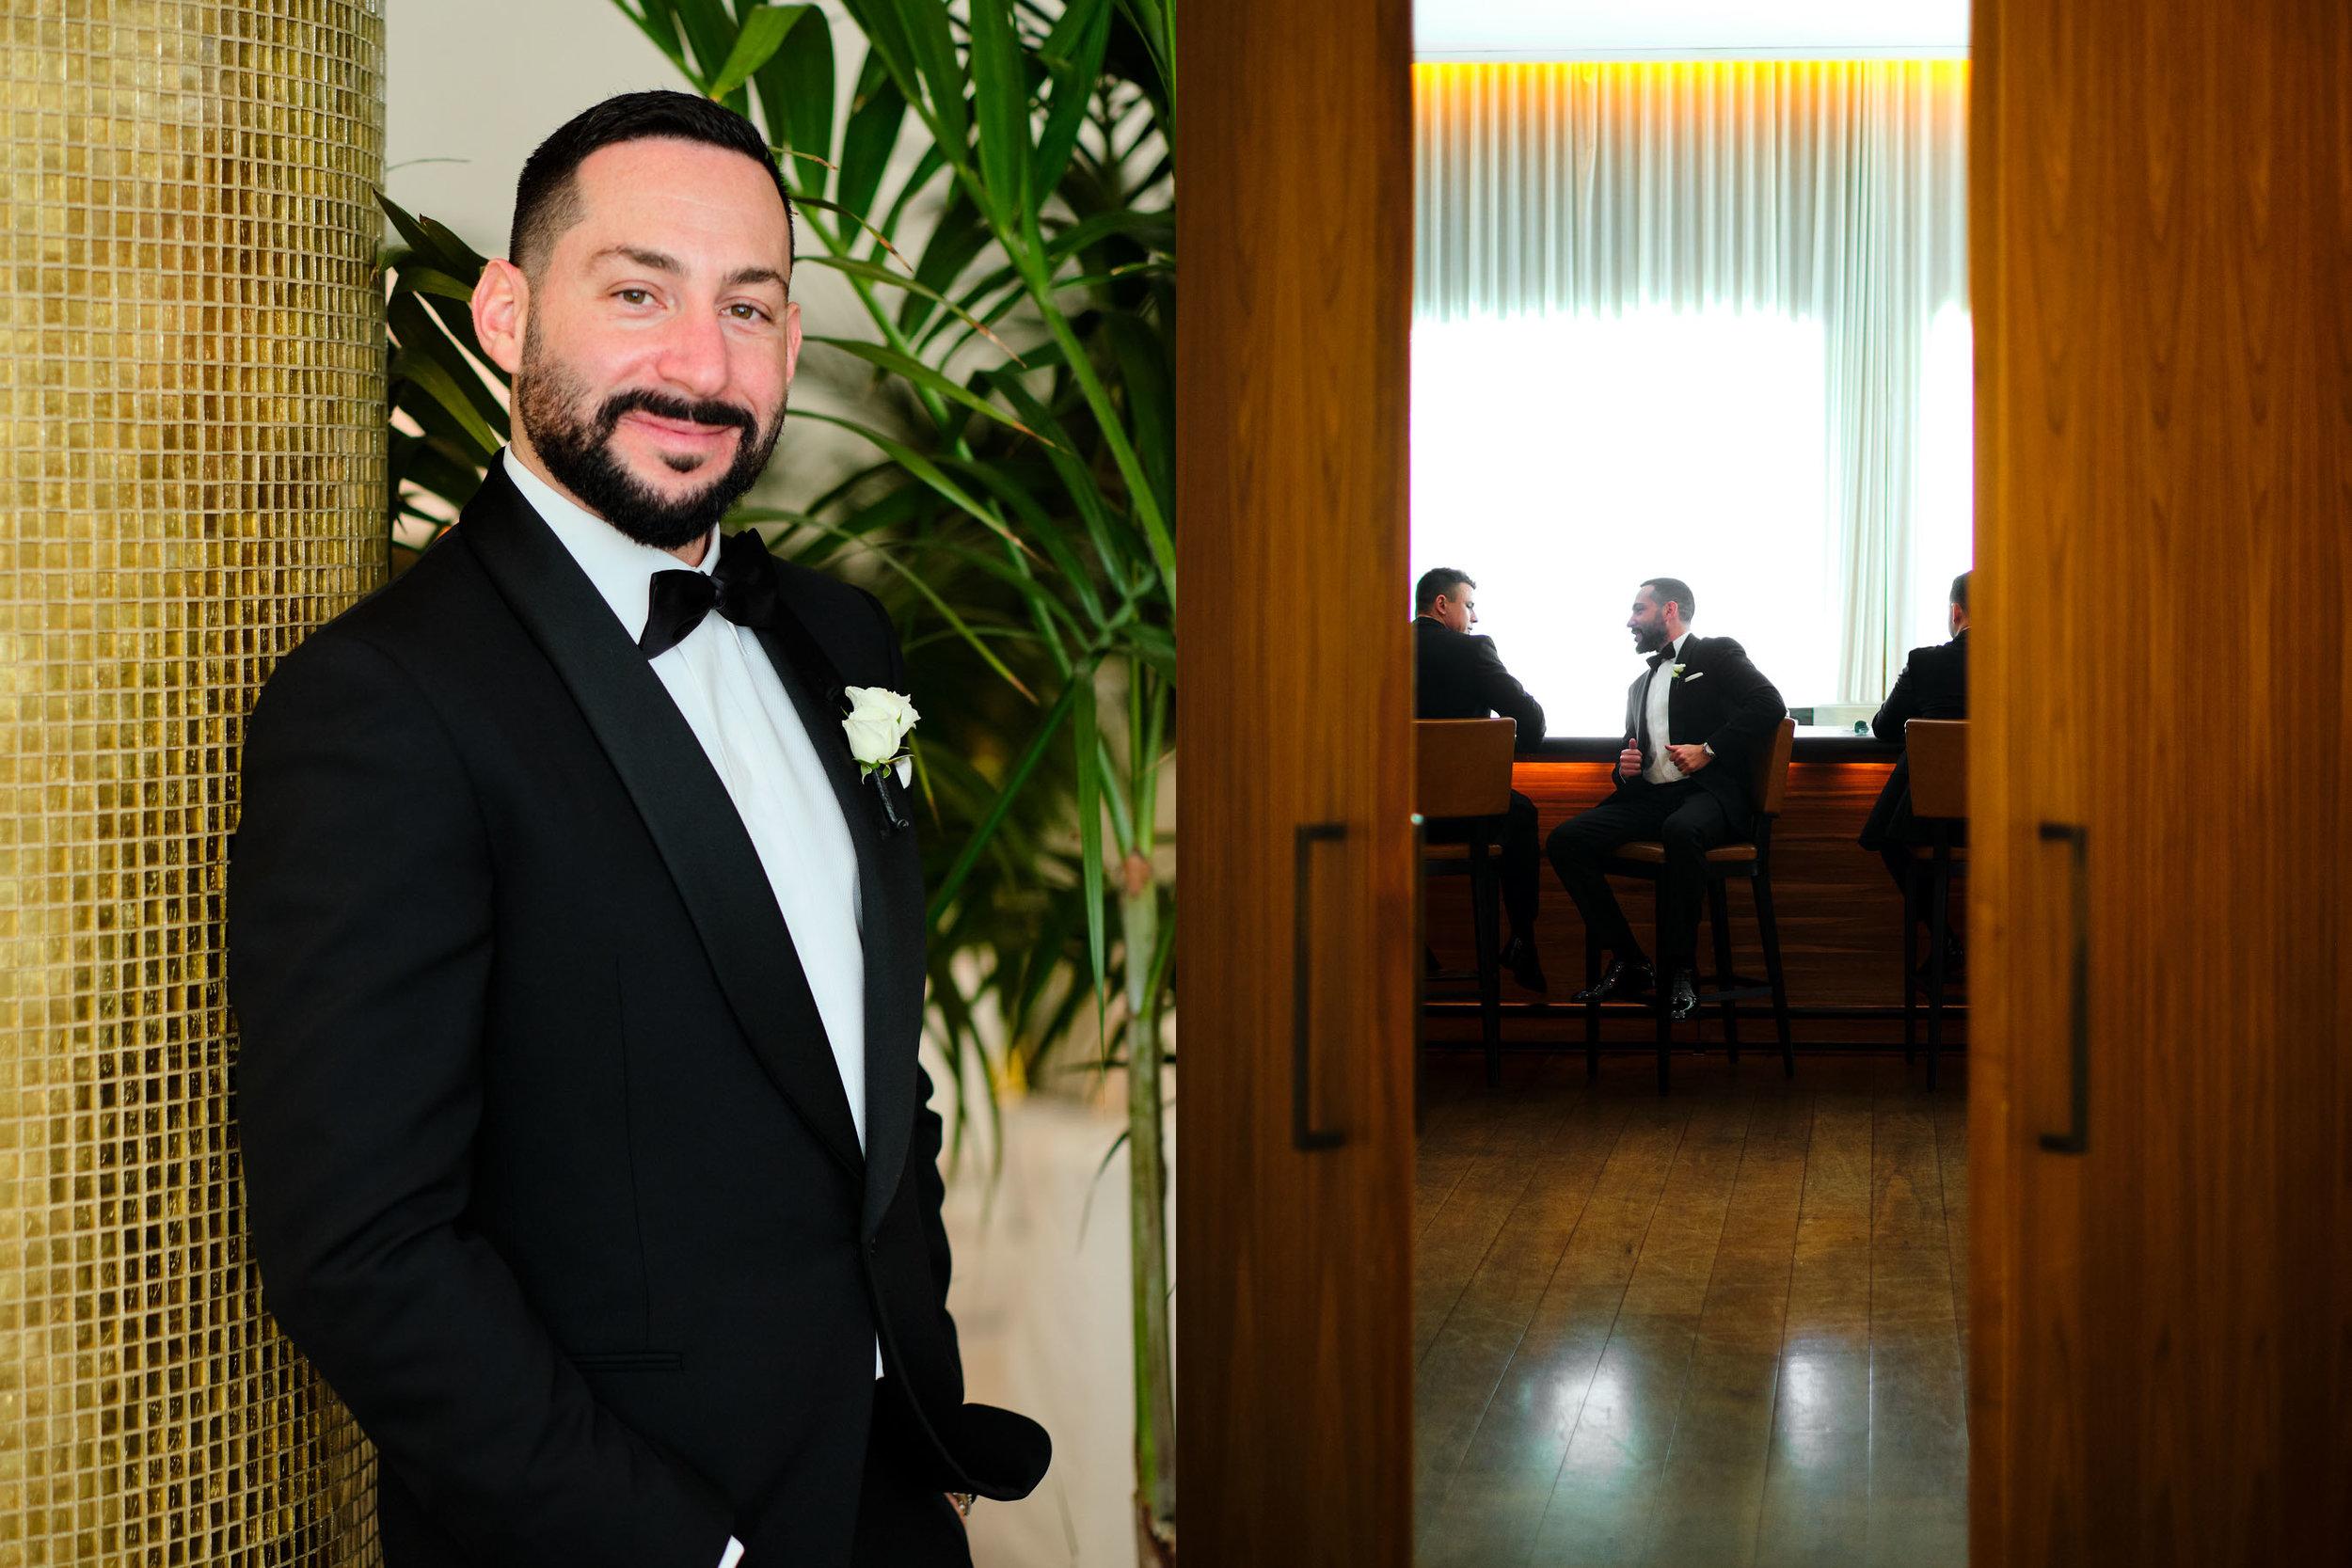 nonesuchnyc_the_edition_hotel_miami_wedding_0116.jpg